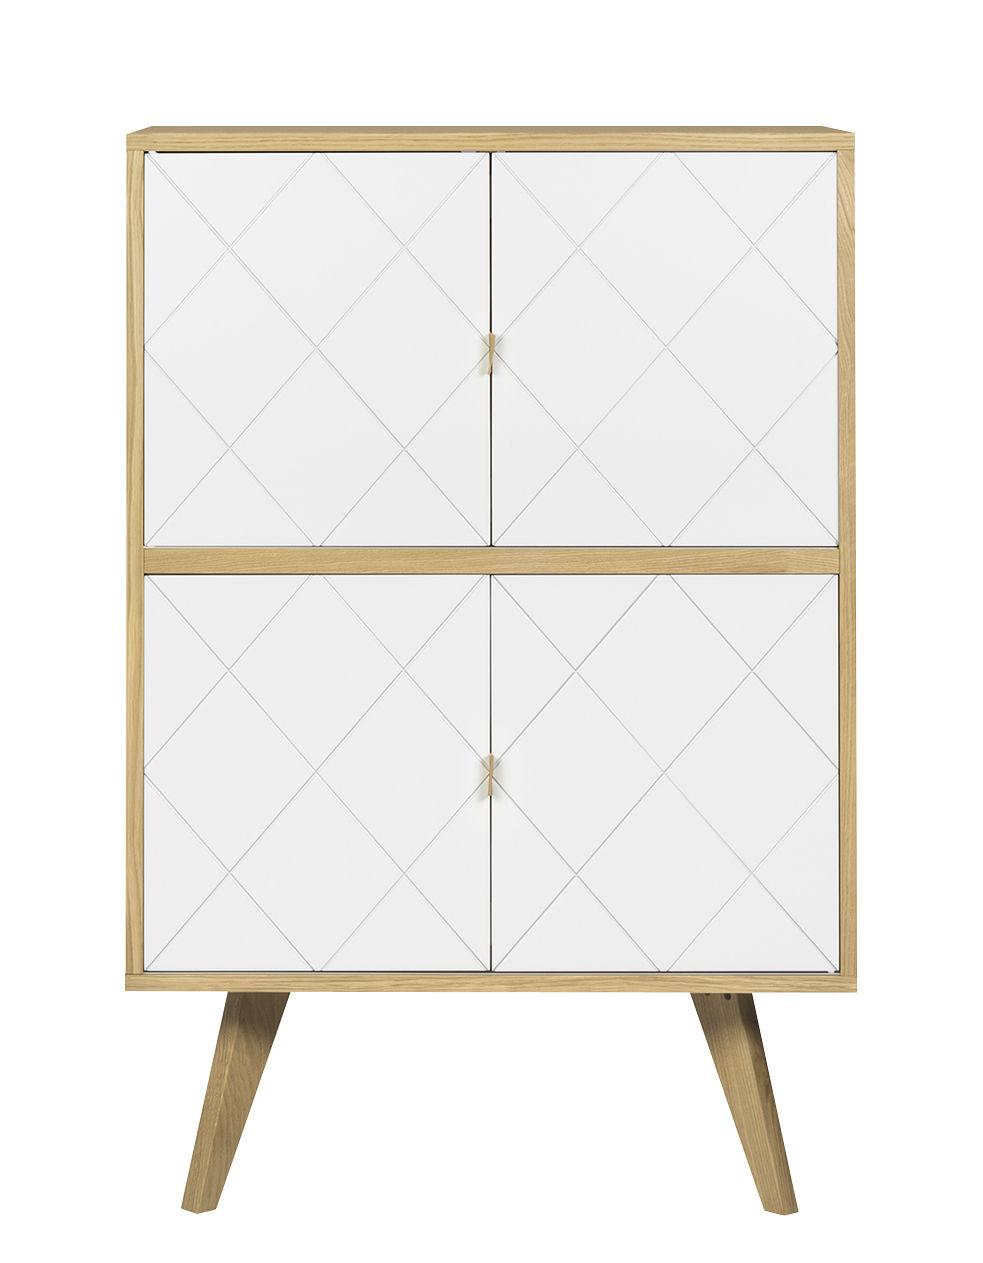 Möbel - Kommode und Anrichte - Butterfly Anrichte / hoch - L 80 cm x H 125 cm - POP UP HOME - Eiche / weiß - Eichensperrholz, massive Eiche, Pressspan, bemalt